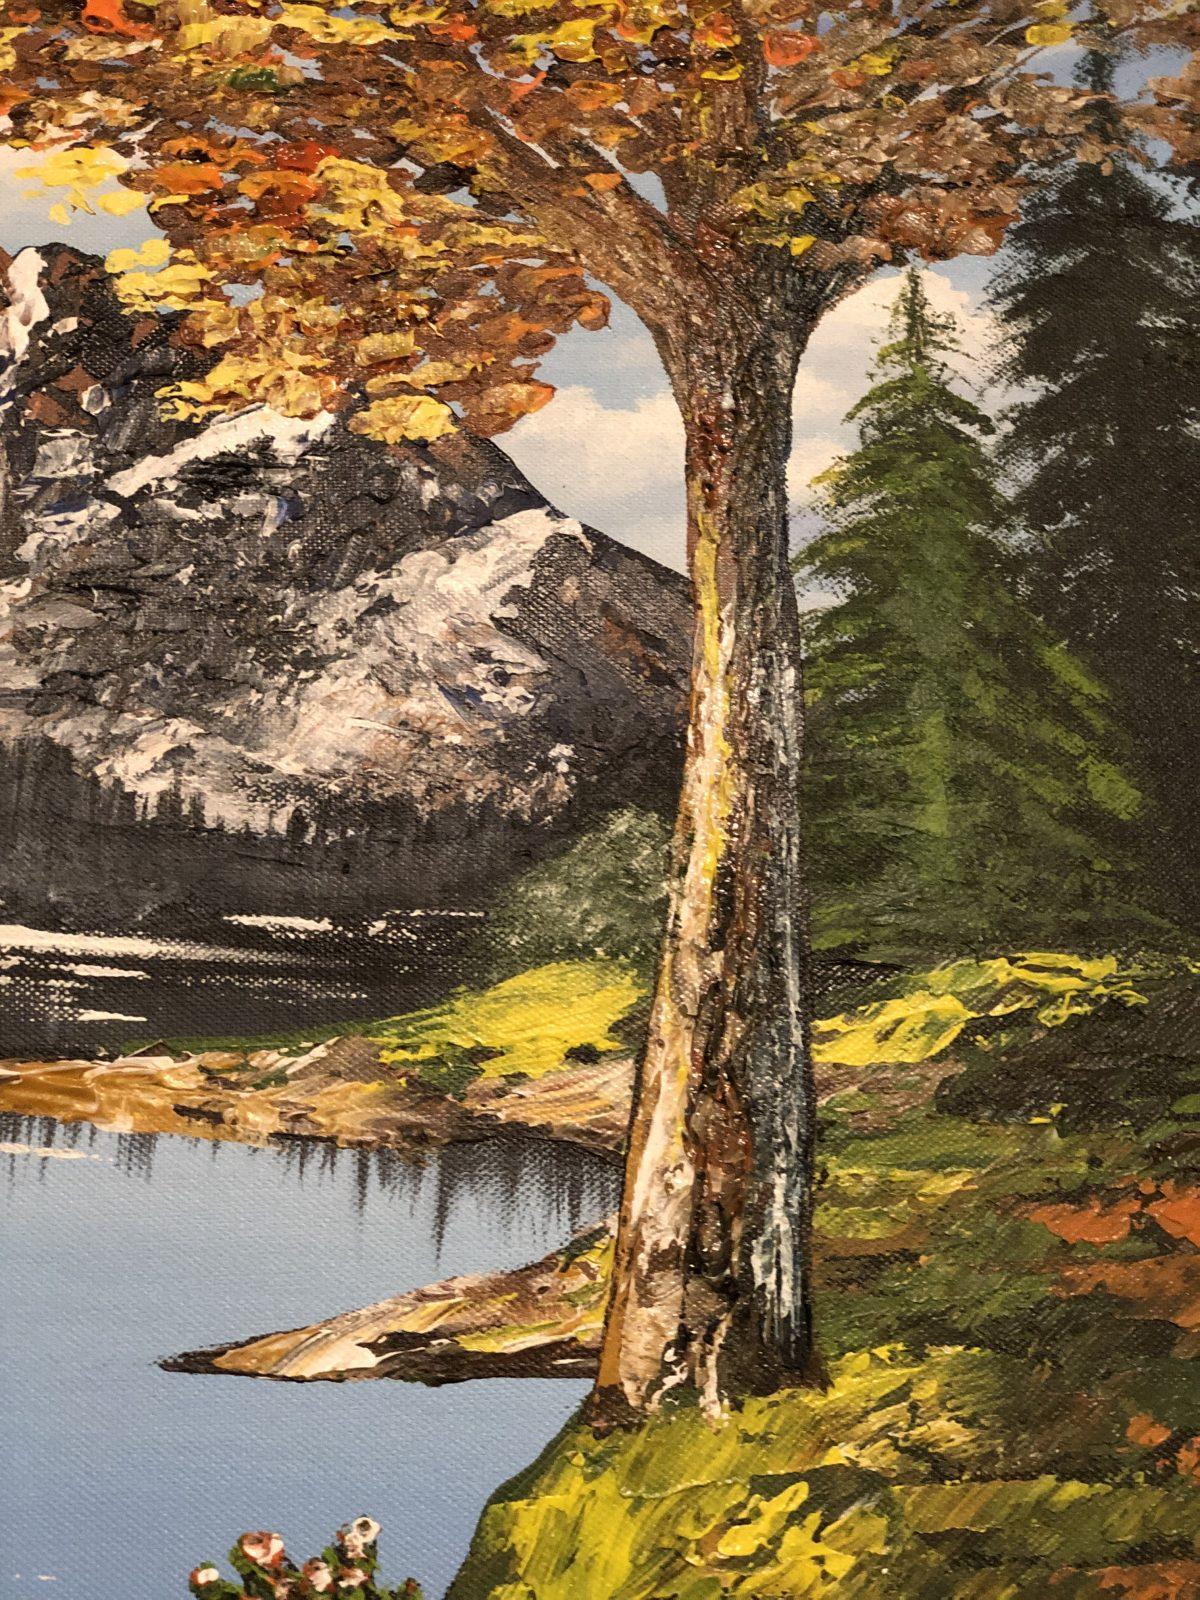 AUTUMN LAKE LANDSCAPE - paysage de l'automne avec l'arbre dorée sur le gros plan, côté droit de tableau